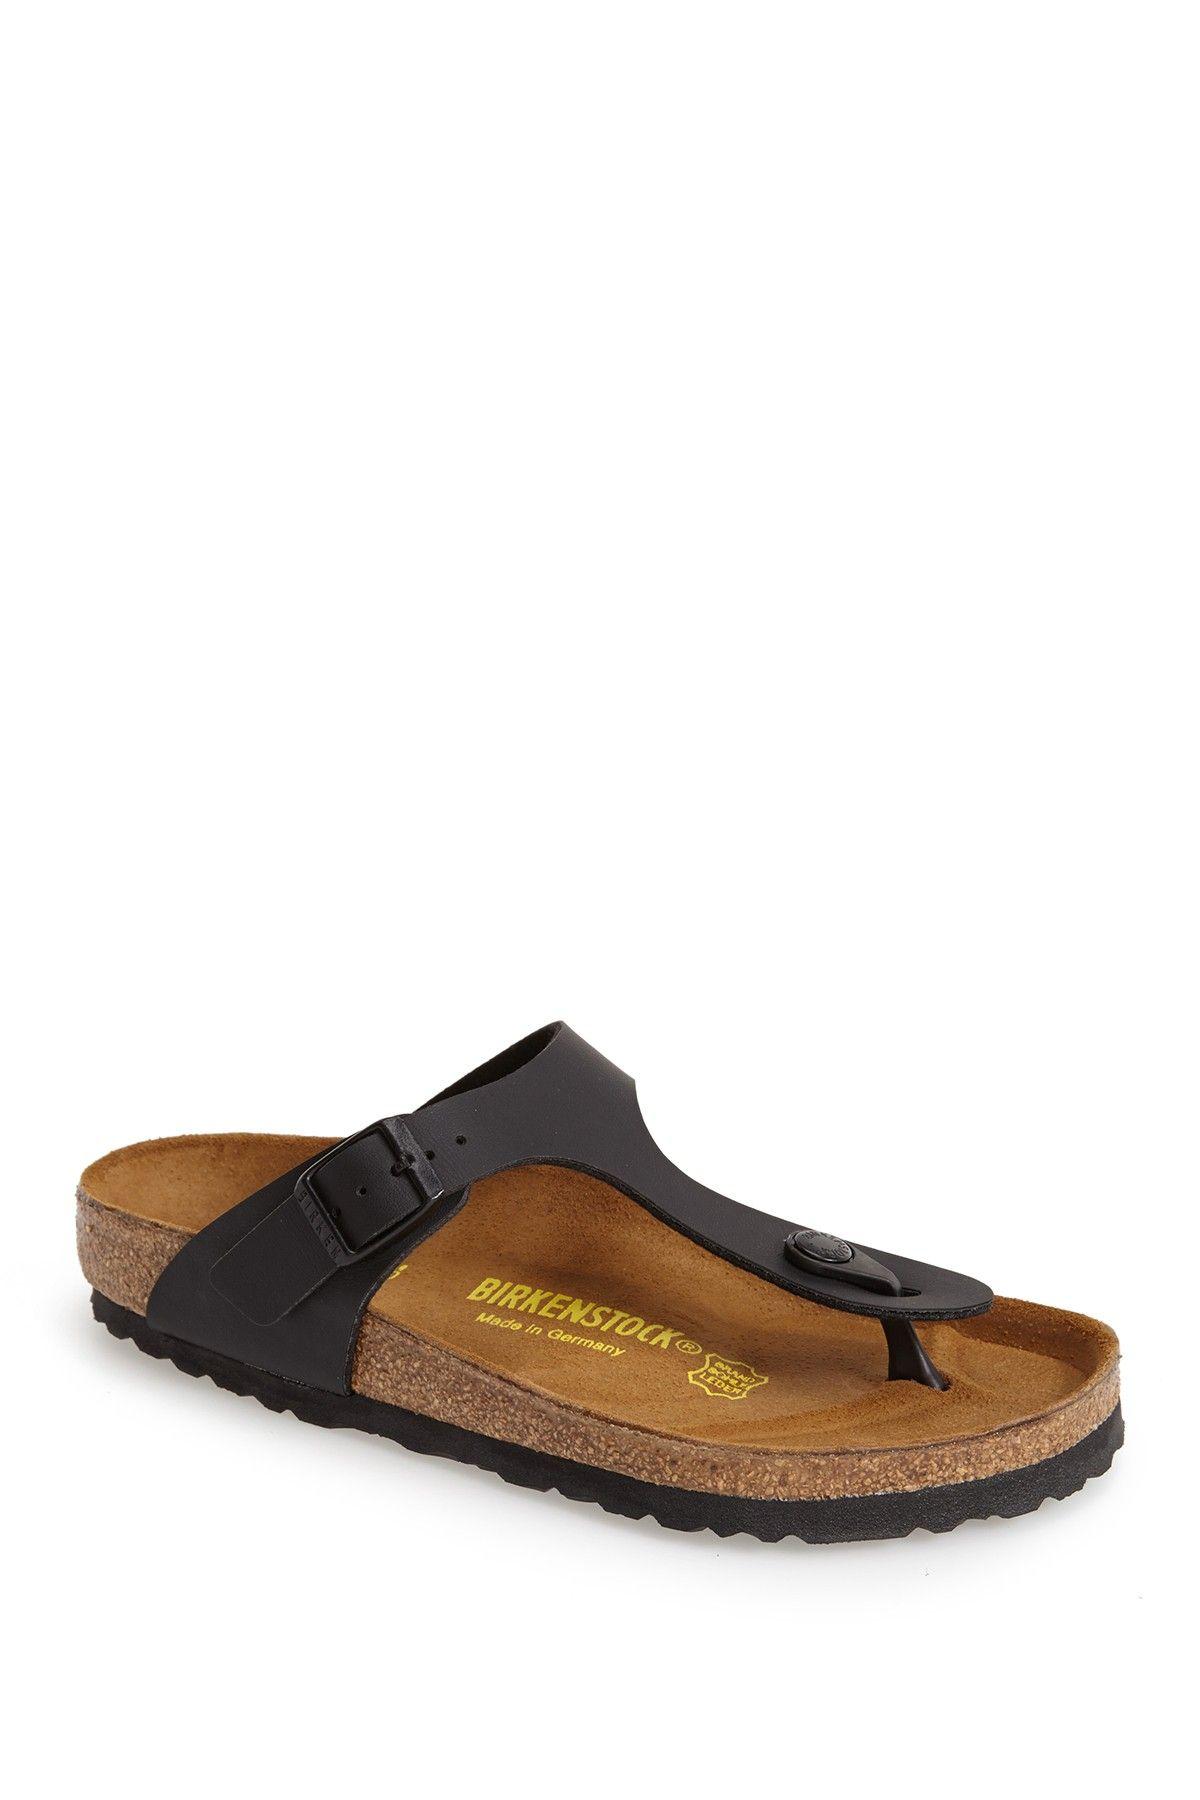 baf495a8e8f Gizeh Sandal by Birkenstock on  nordstrom rack